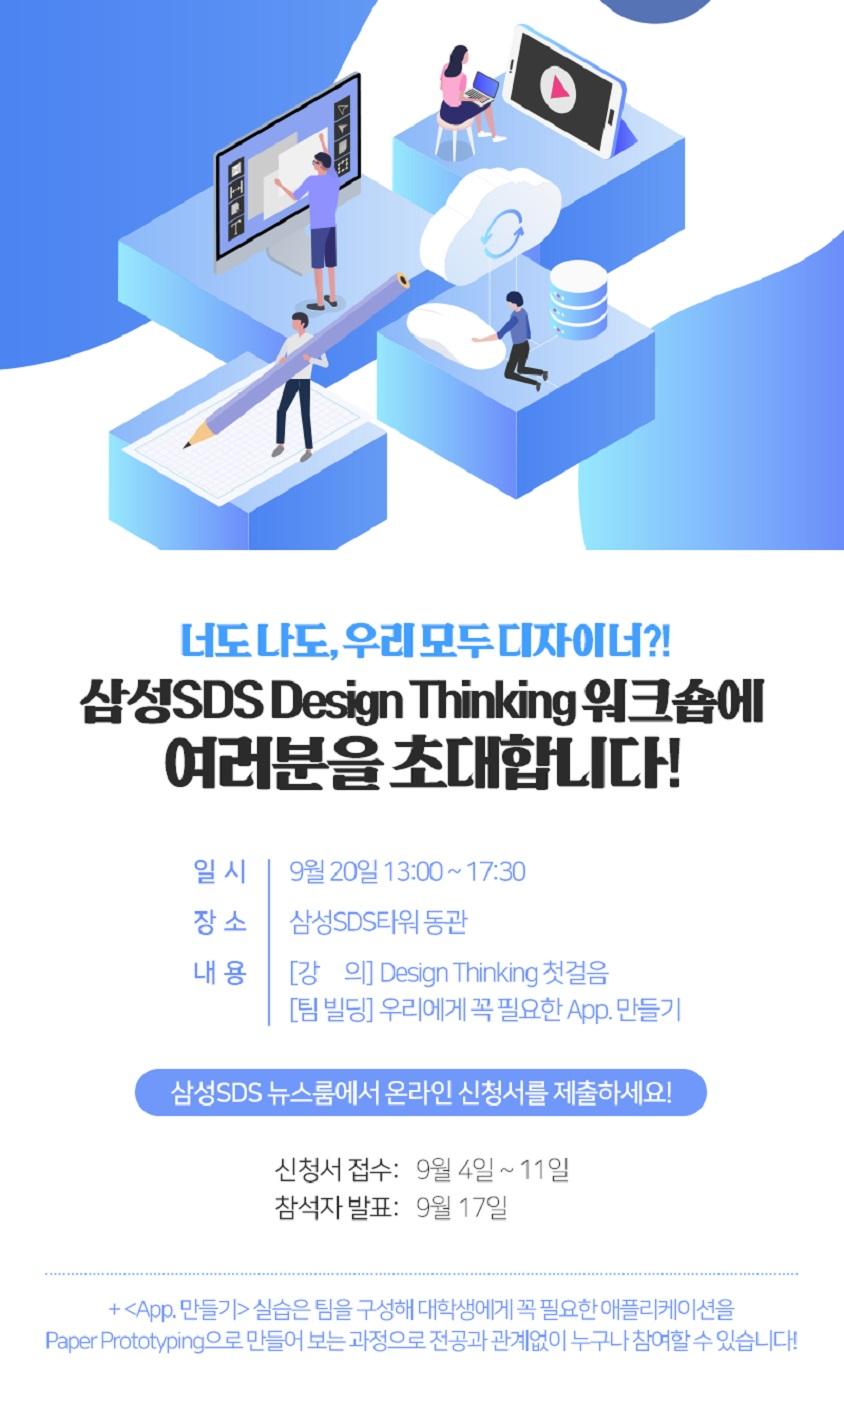 삼성SDS Design Thinking 워크숍에 여러분을 초대합니다!